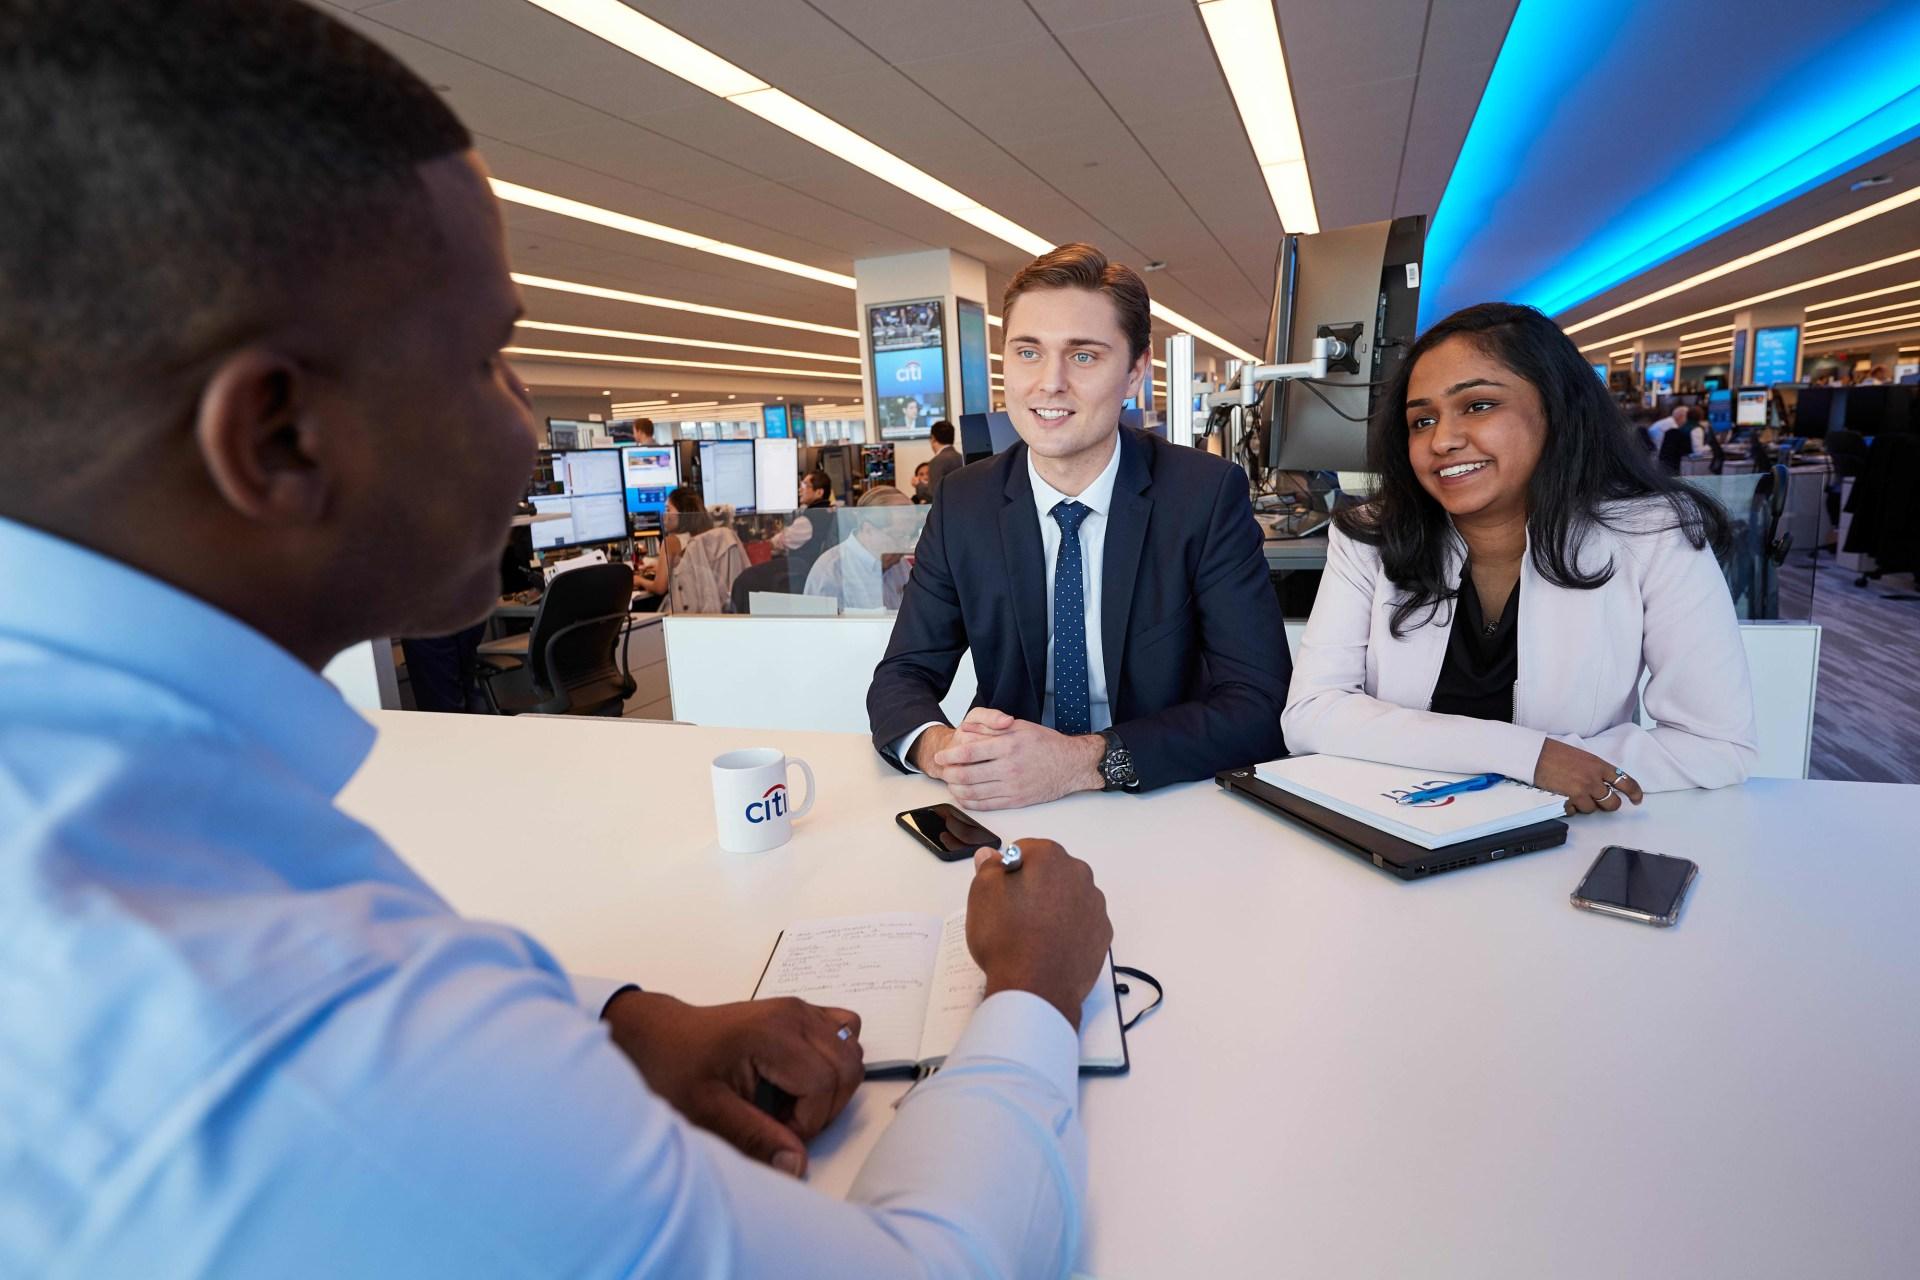 Investment banking citi careers avara am plus real estate investment llc